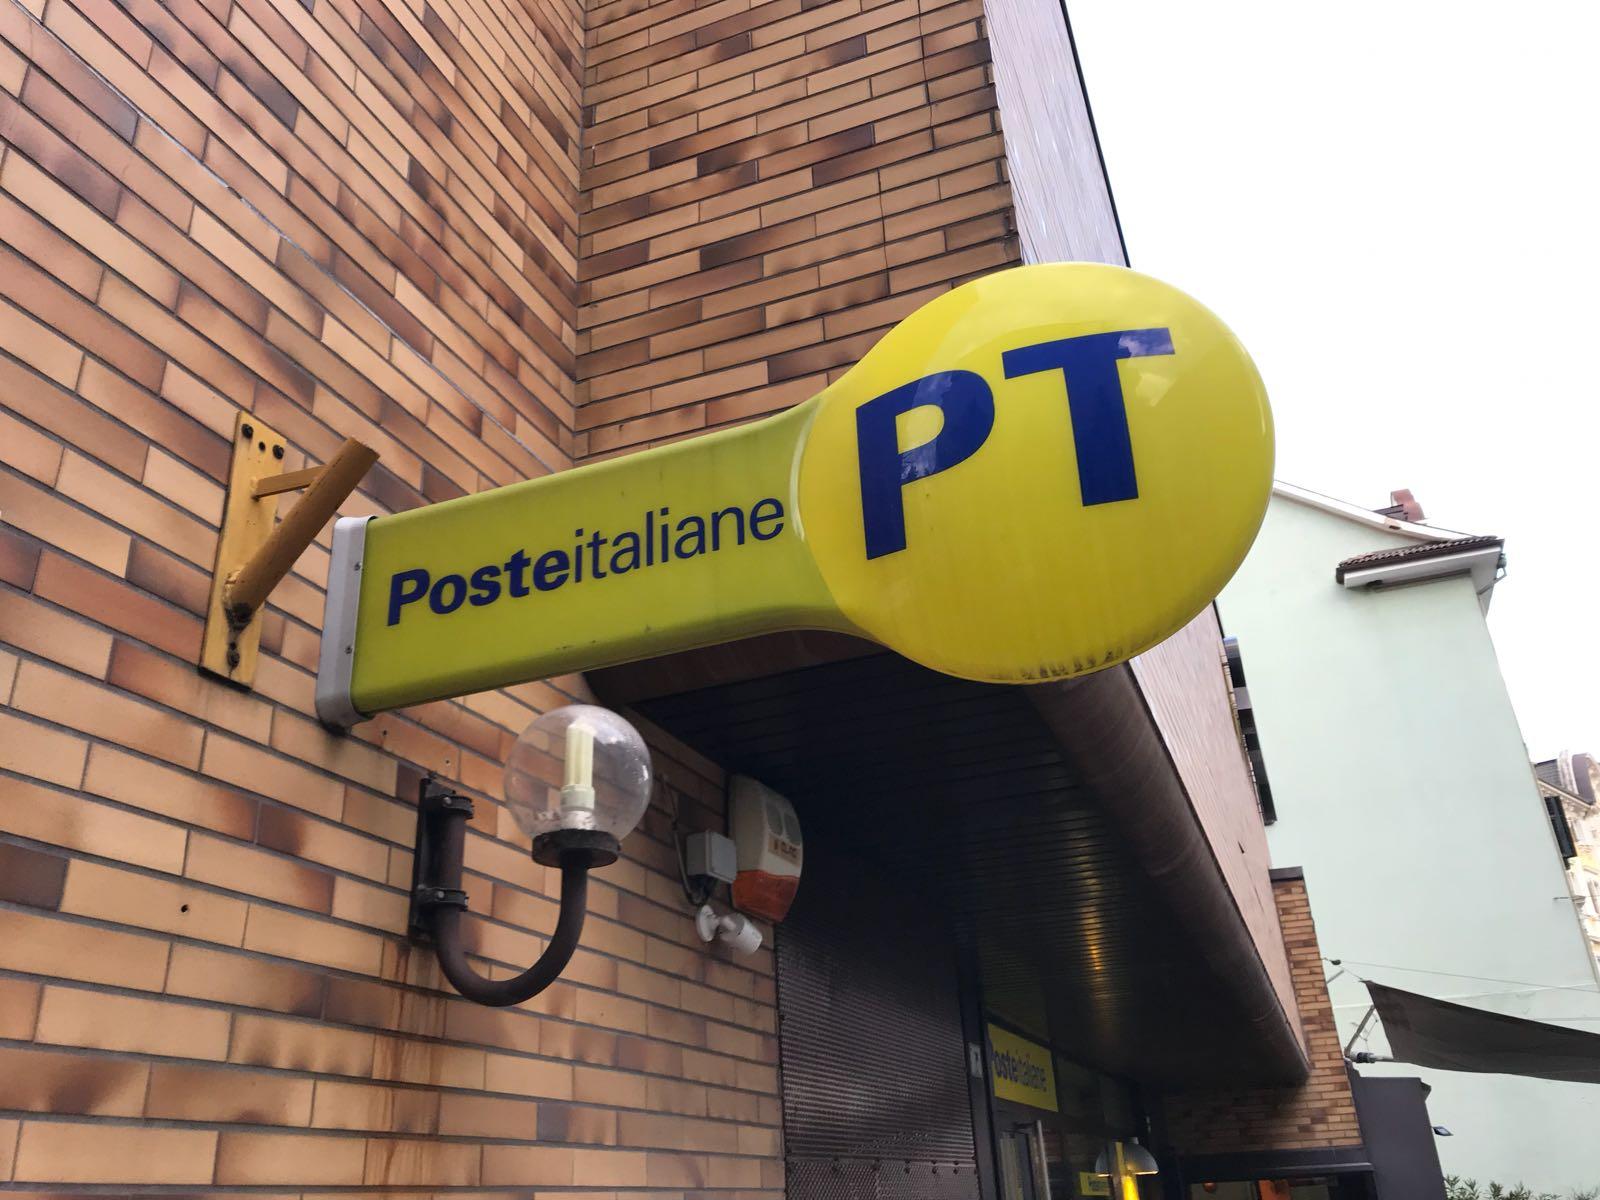 Sommerteilschließungen und Personalmangel: Postgewerkschaft fordert Lösungen